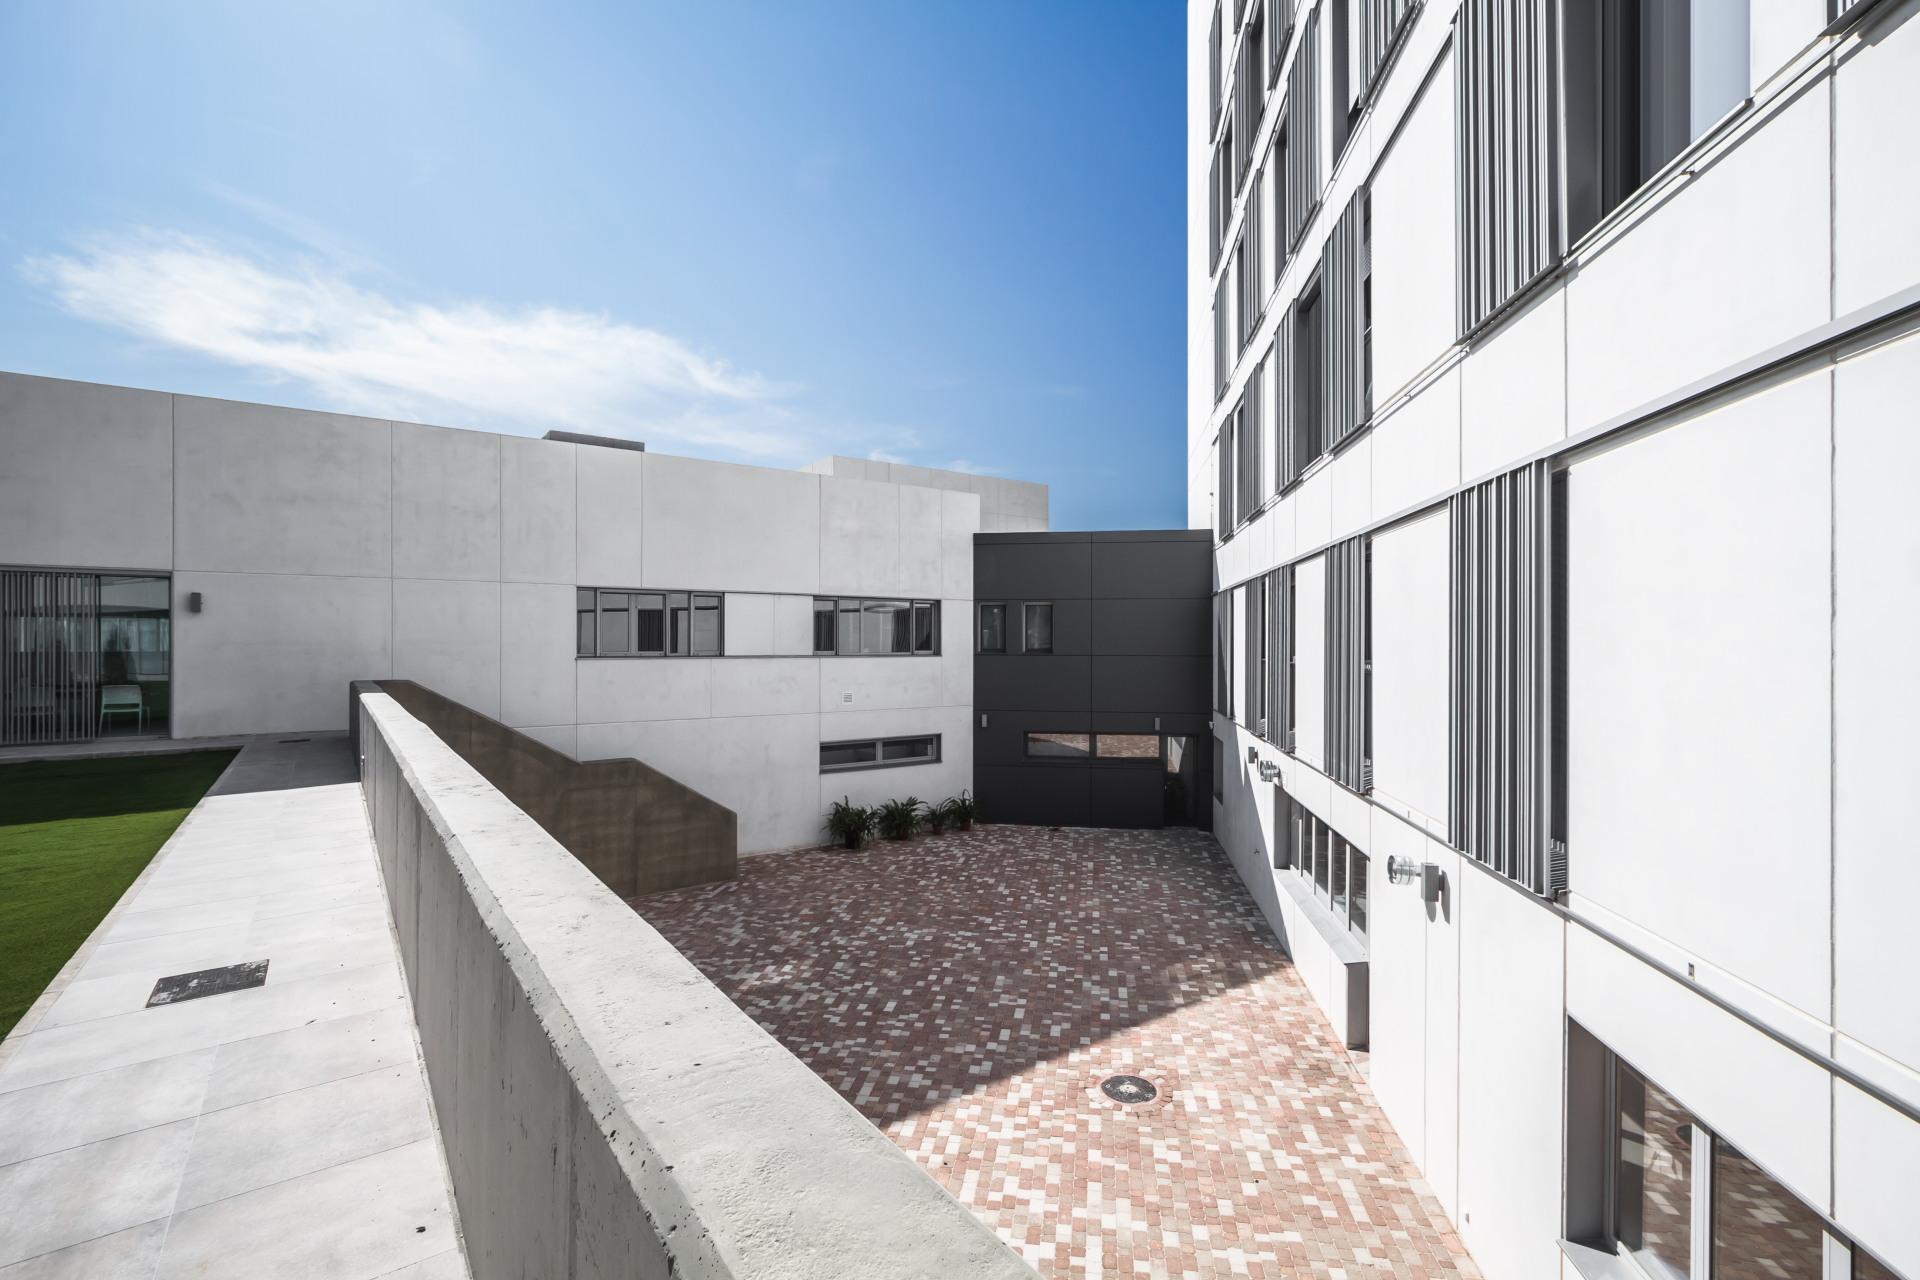 fotografia-arquitectura-valencia-german-cabo-hernandez-monasterio (9)